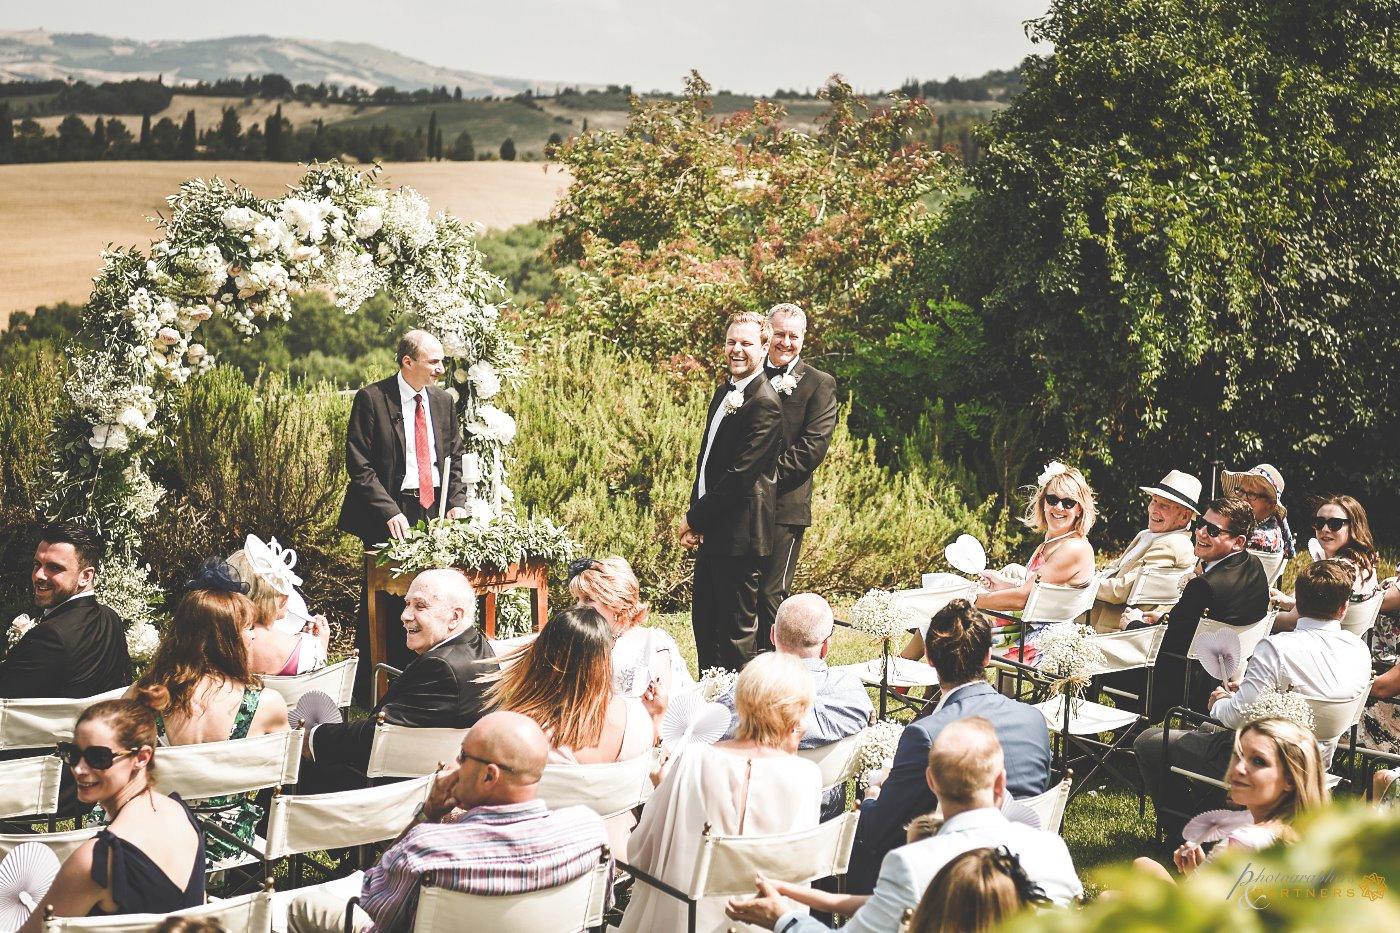 wedding_photos_borgo_castelvecchio_06.jpg